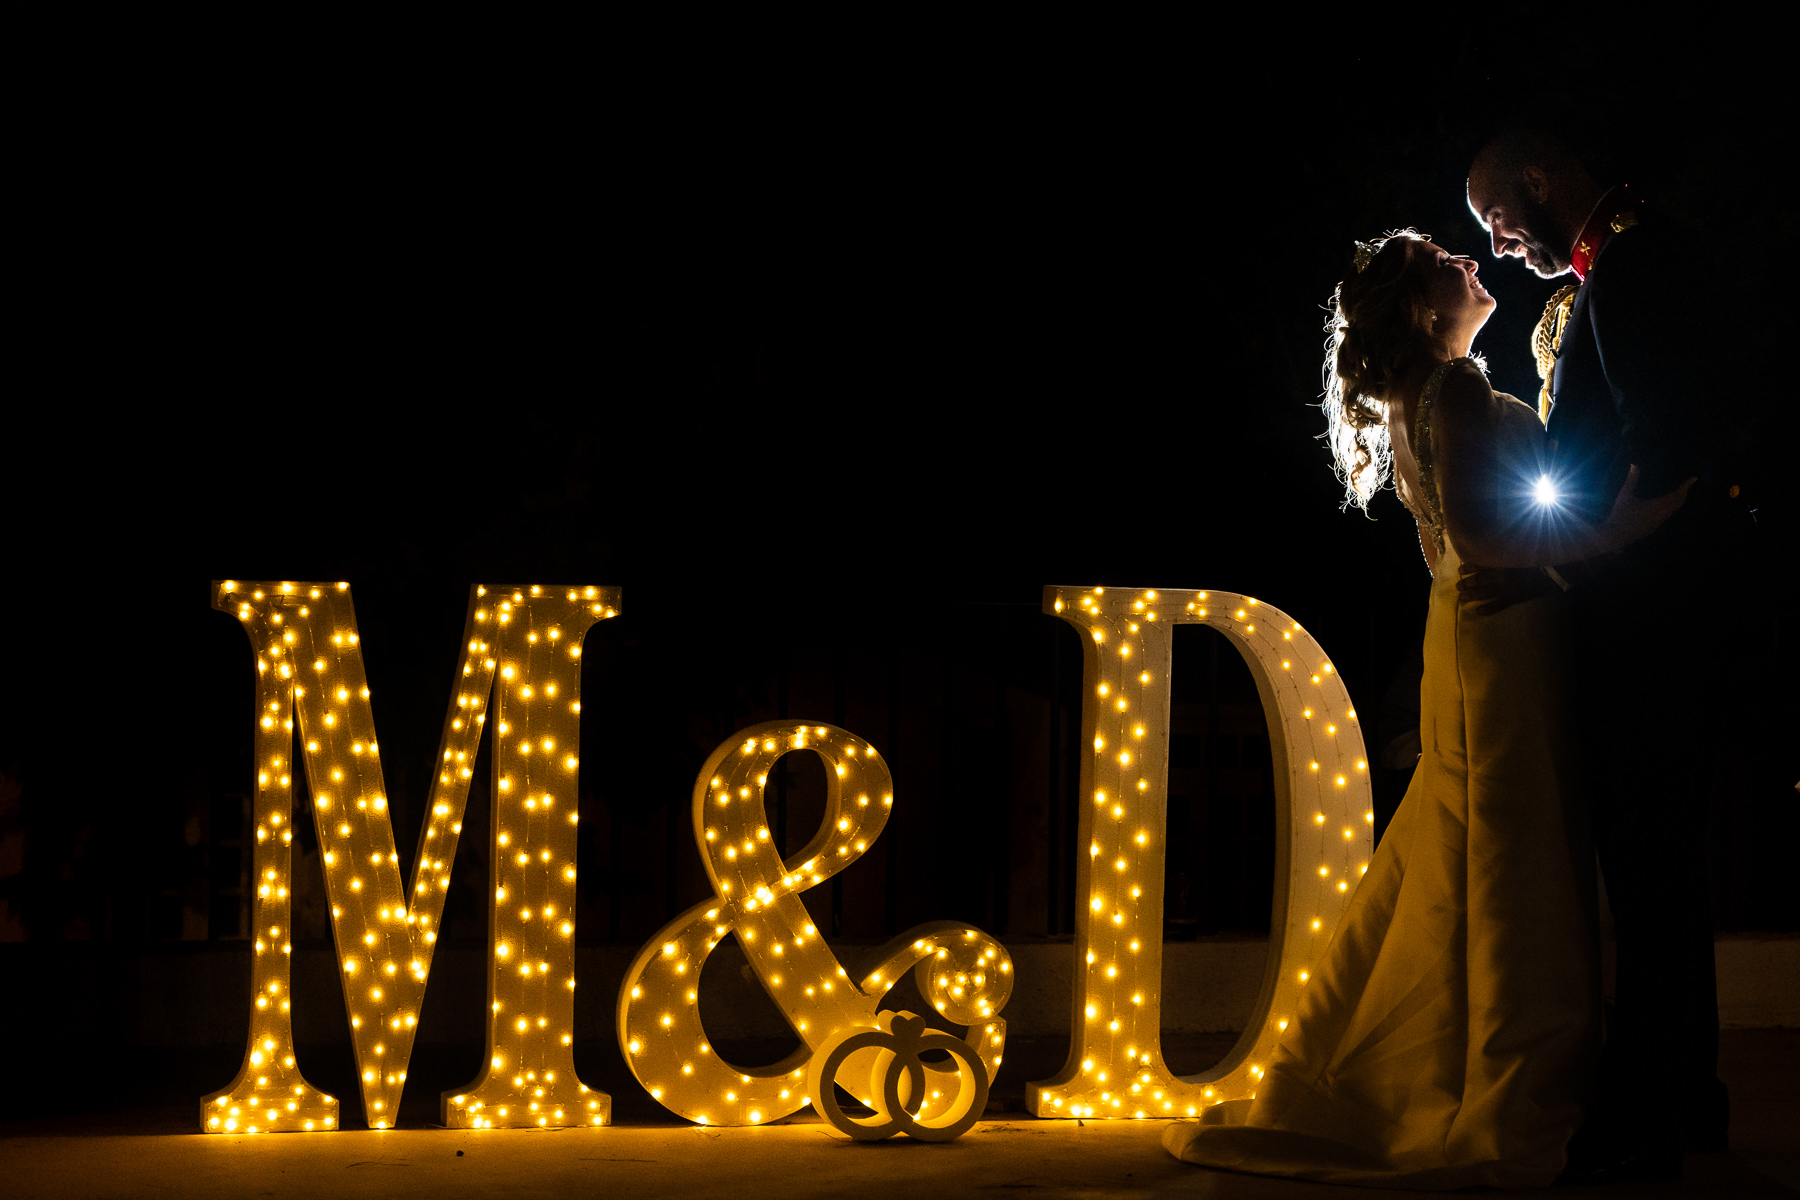 letras luminosas en la boda de soto de monico